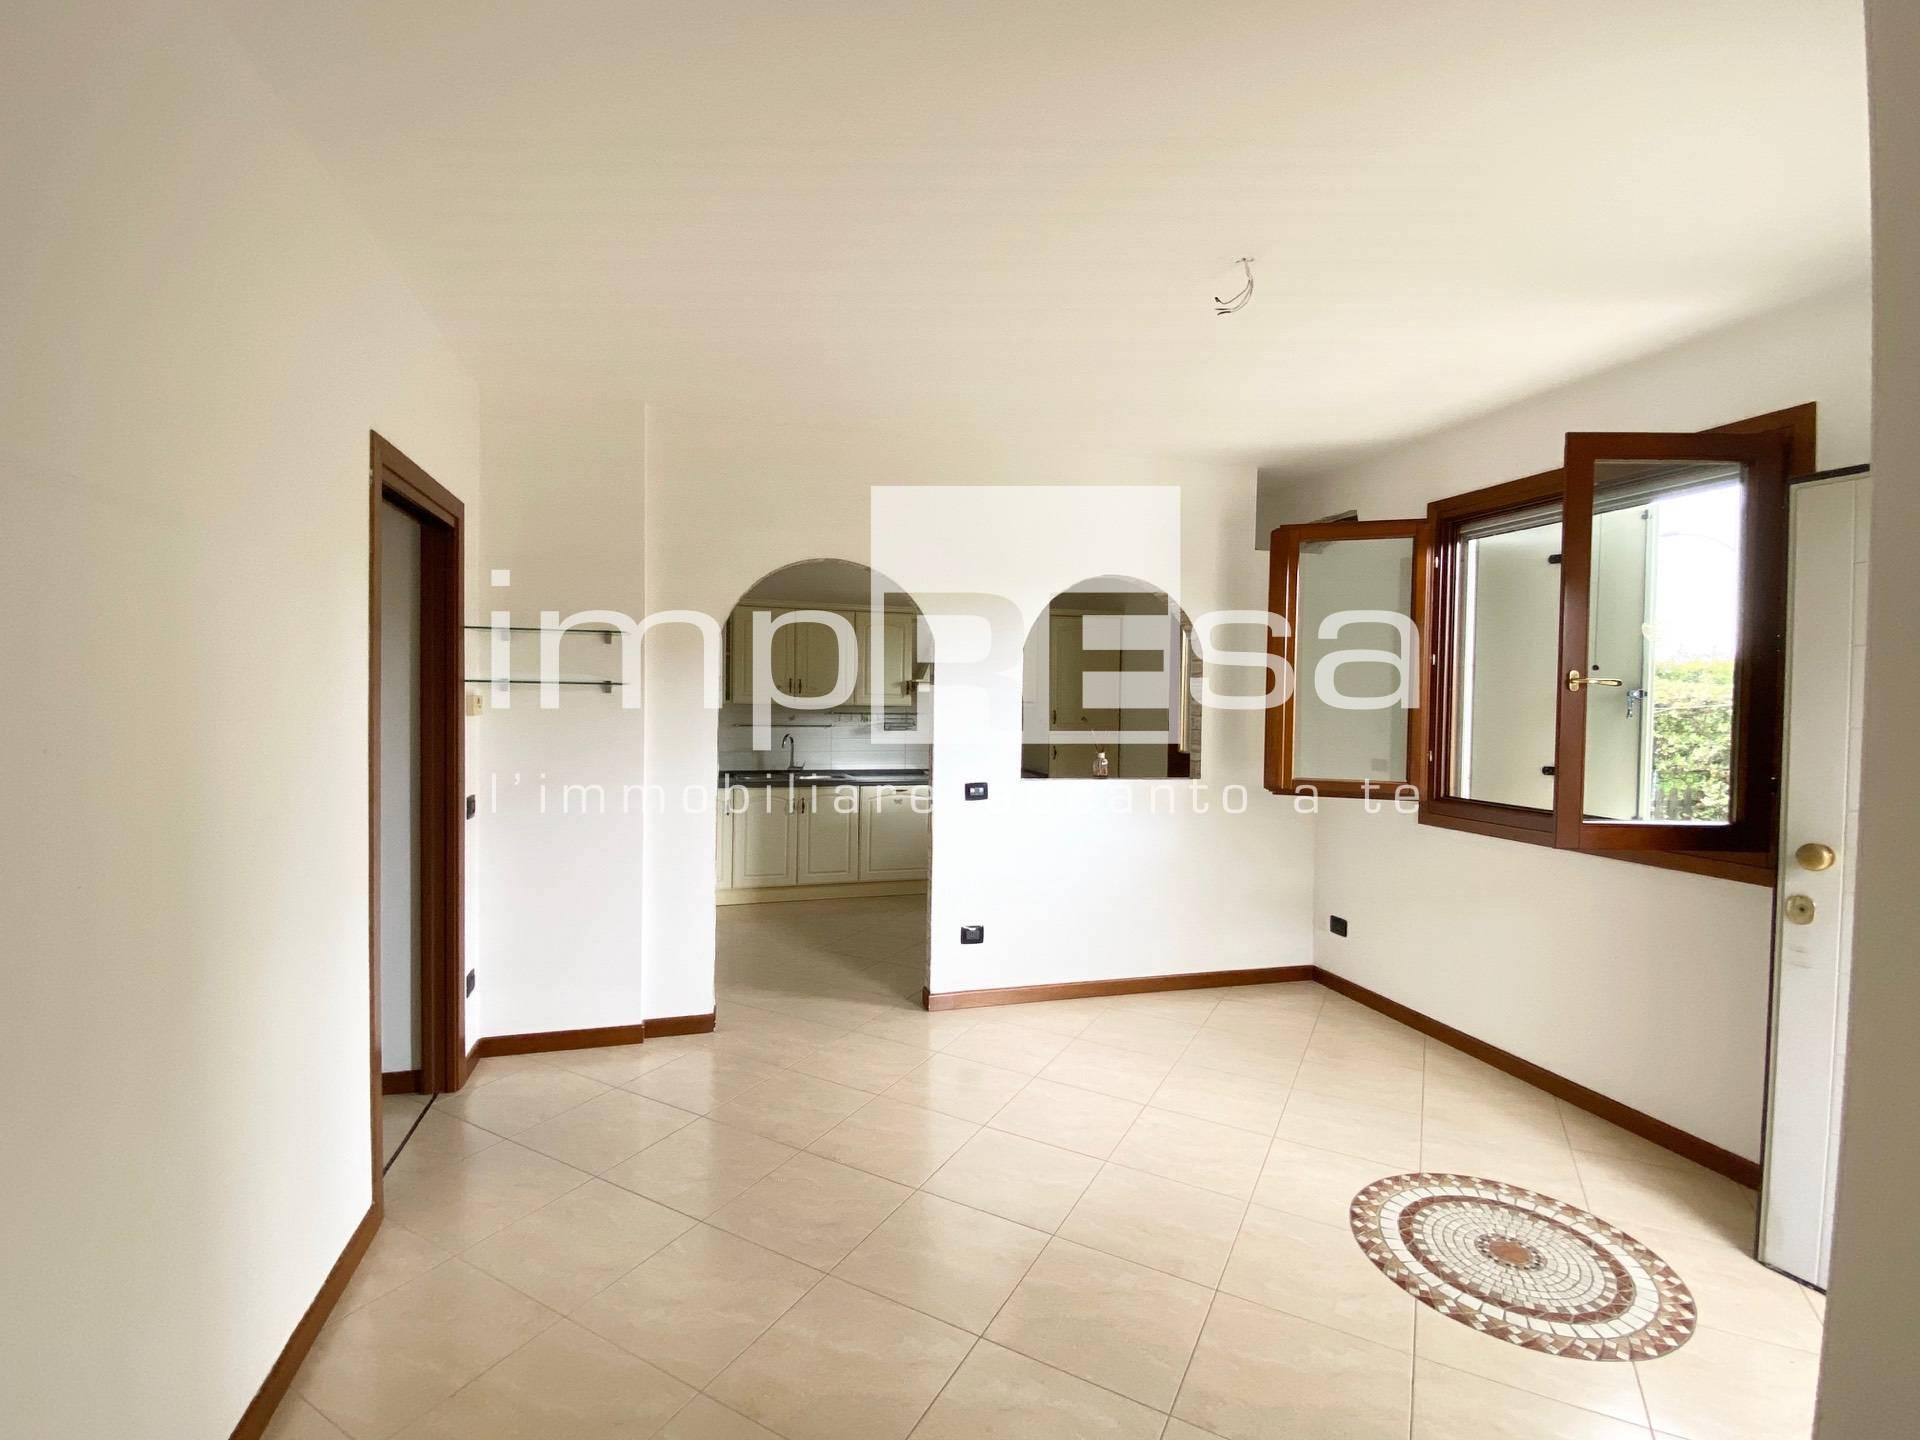 Appartamento in vendita a Spresiano, 5 locali, zona Località: Centro, prezzo € 135.000   CambioCasa.it